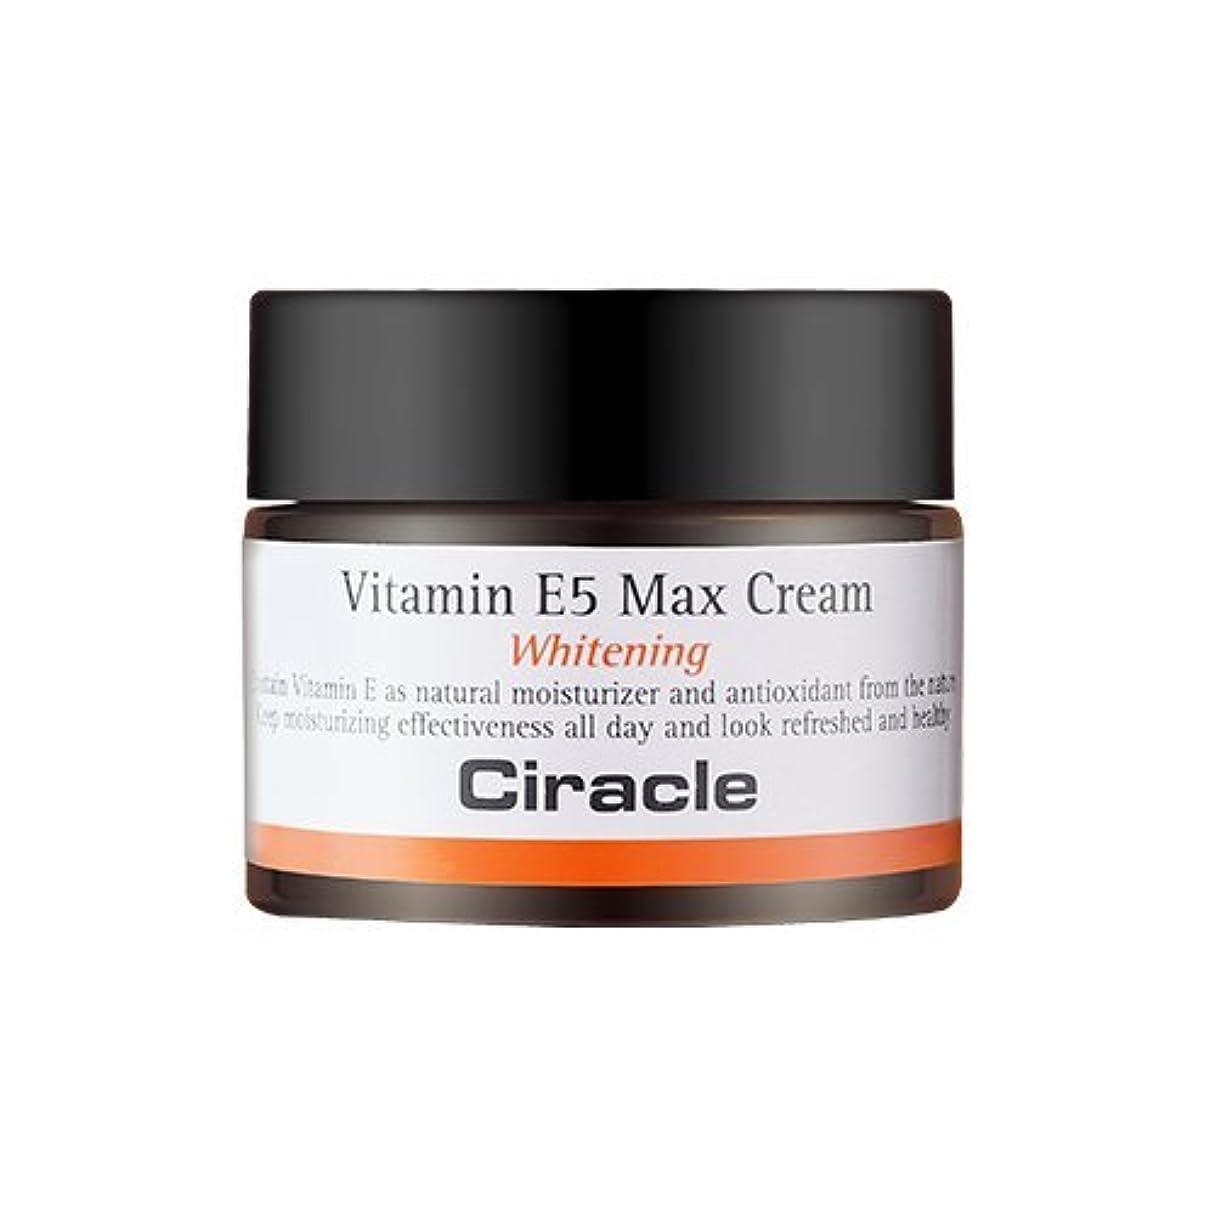 入場料矢まつげCiracle Vitamin E5 Max Cream シラクル ビタミンE5 マックス クリーム 50ml [並行輸入品]